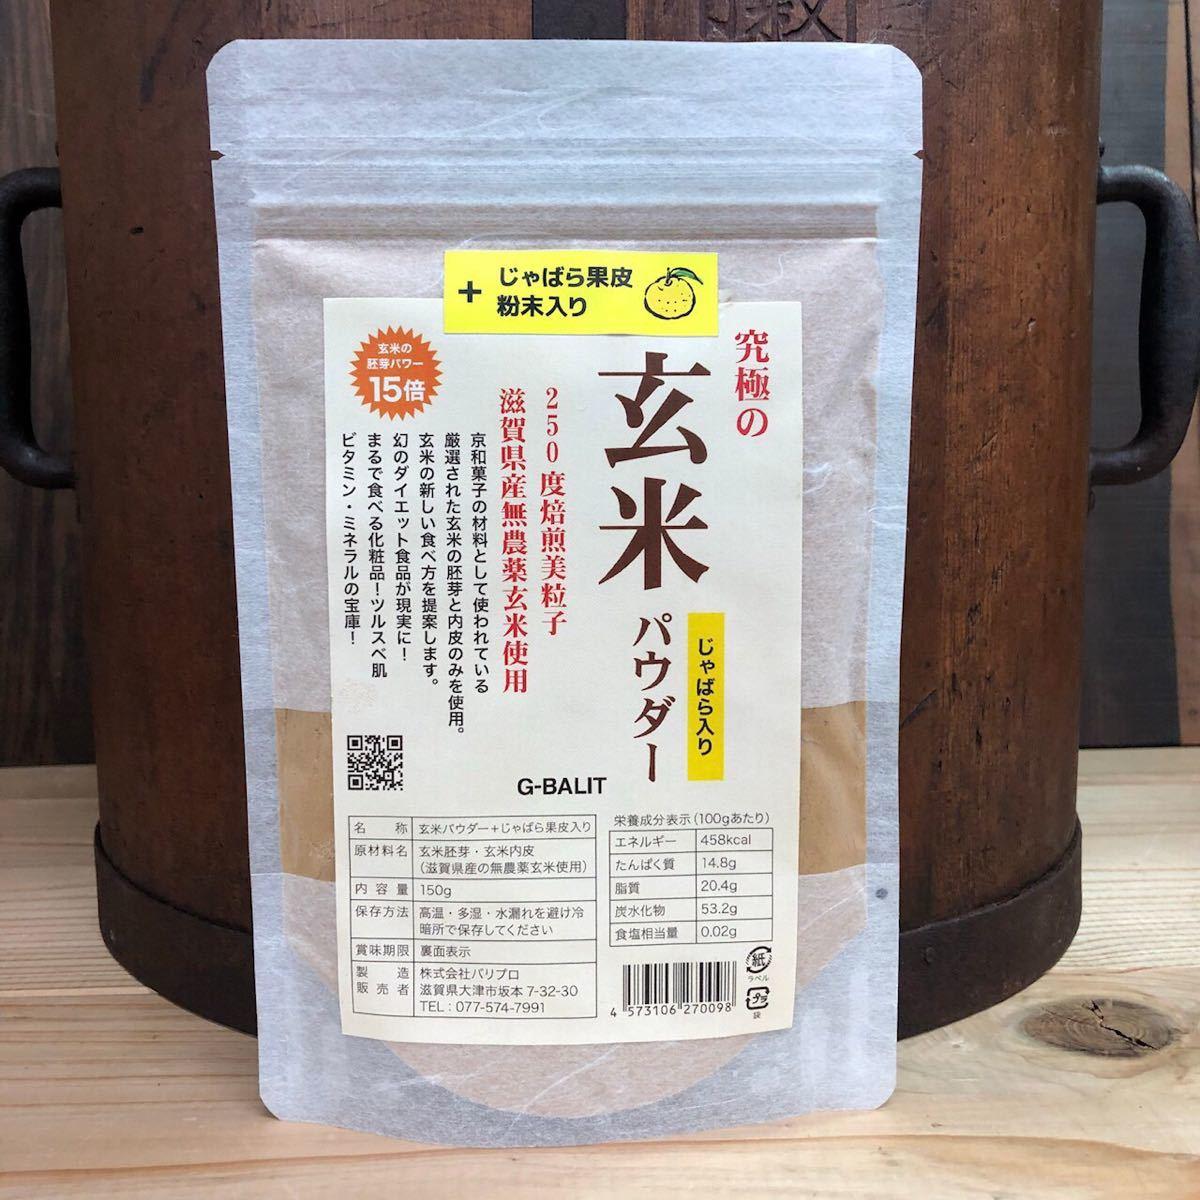 究極の玄米パウダーじゃばら果皮配合 300g 滋賀県産無農薬近江米使用 美粒子タイプ きな粉のような香り 無糖 無添加 じゃばら UP HADOO_画像1